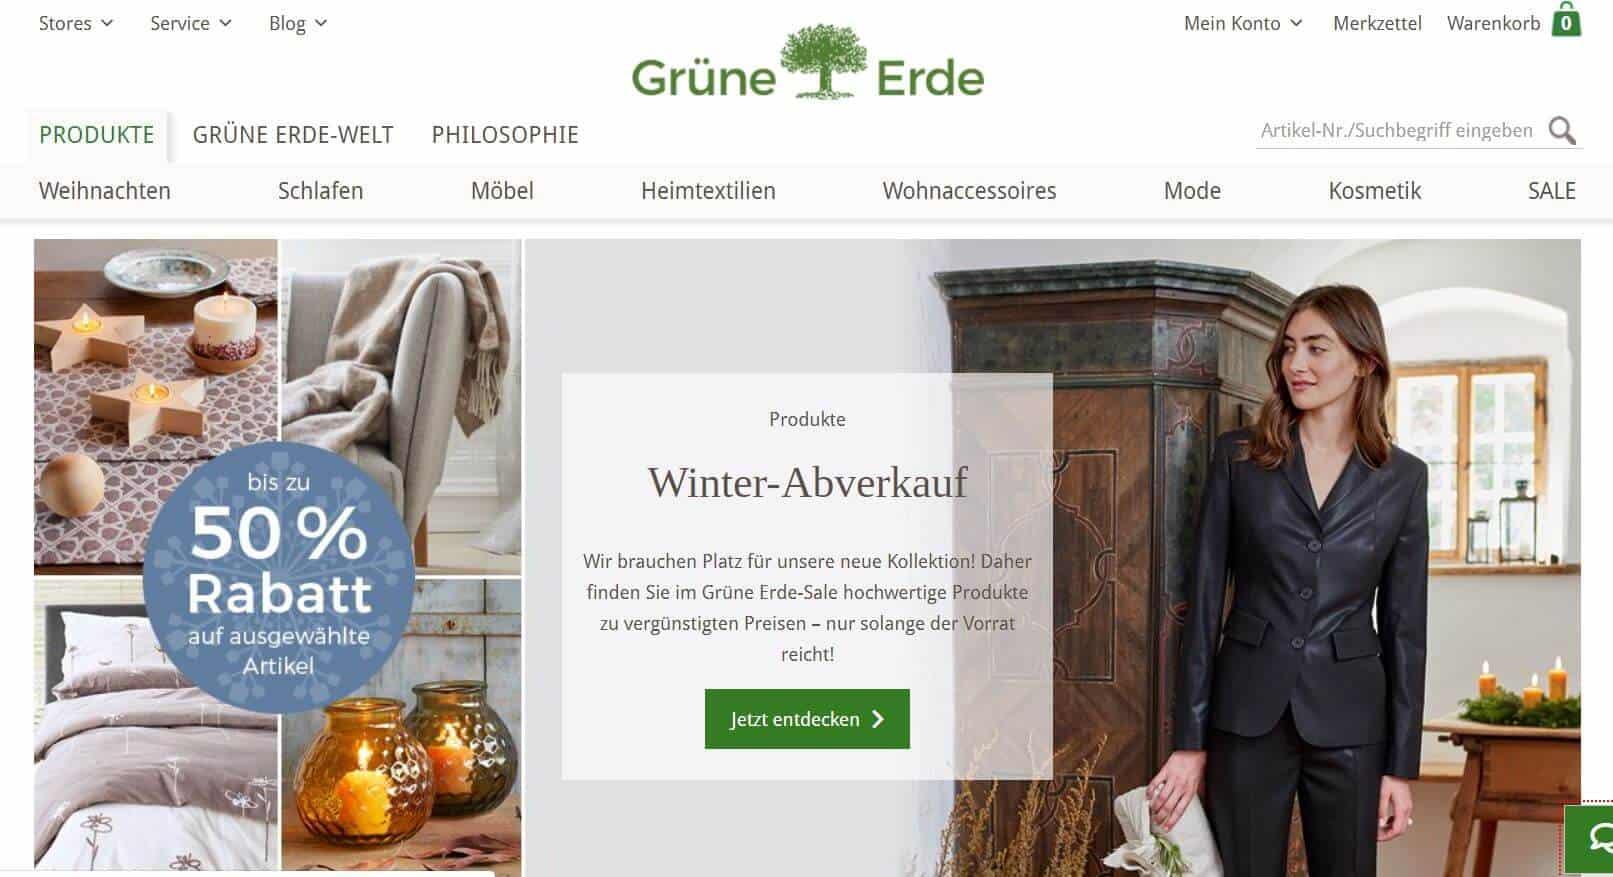 Grüne Erde Screenshot